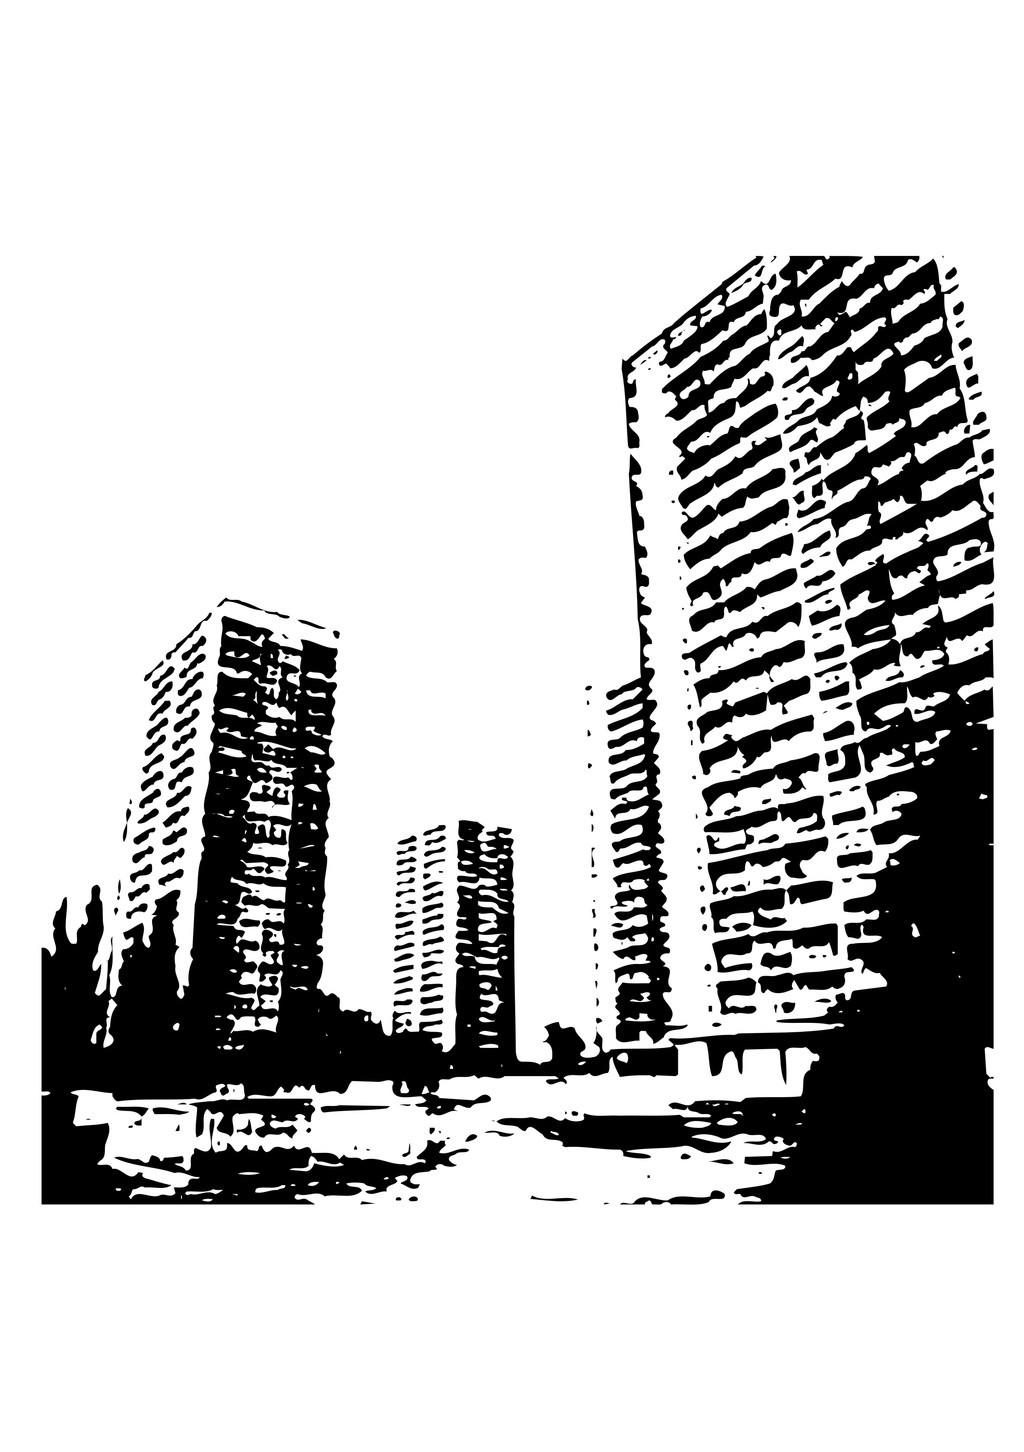 建筑物简笔画城市剪影高楼大厦